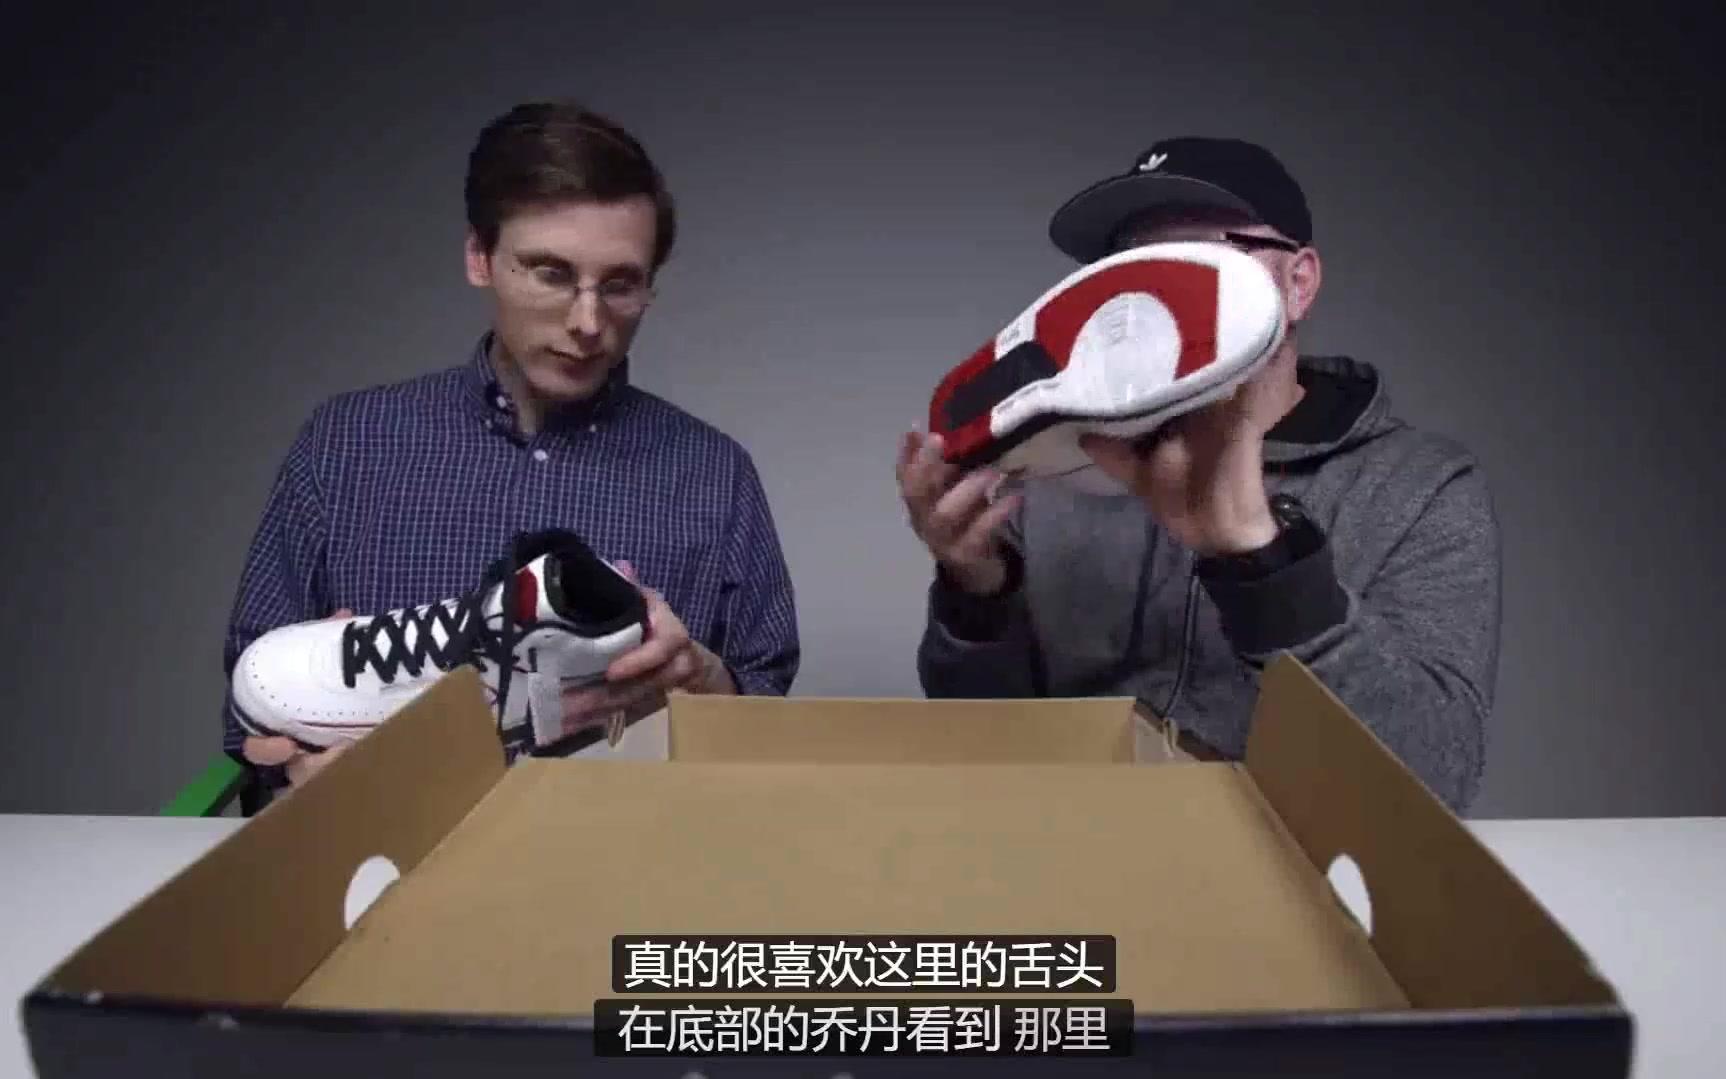 b13404897df213  搬运 机翻开箱狂魔Unboxing Every Air Jordan Sneaker